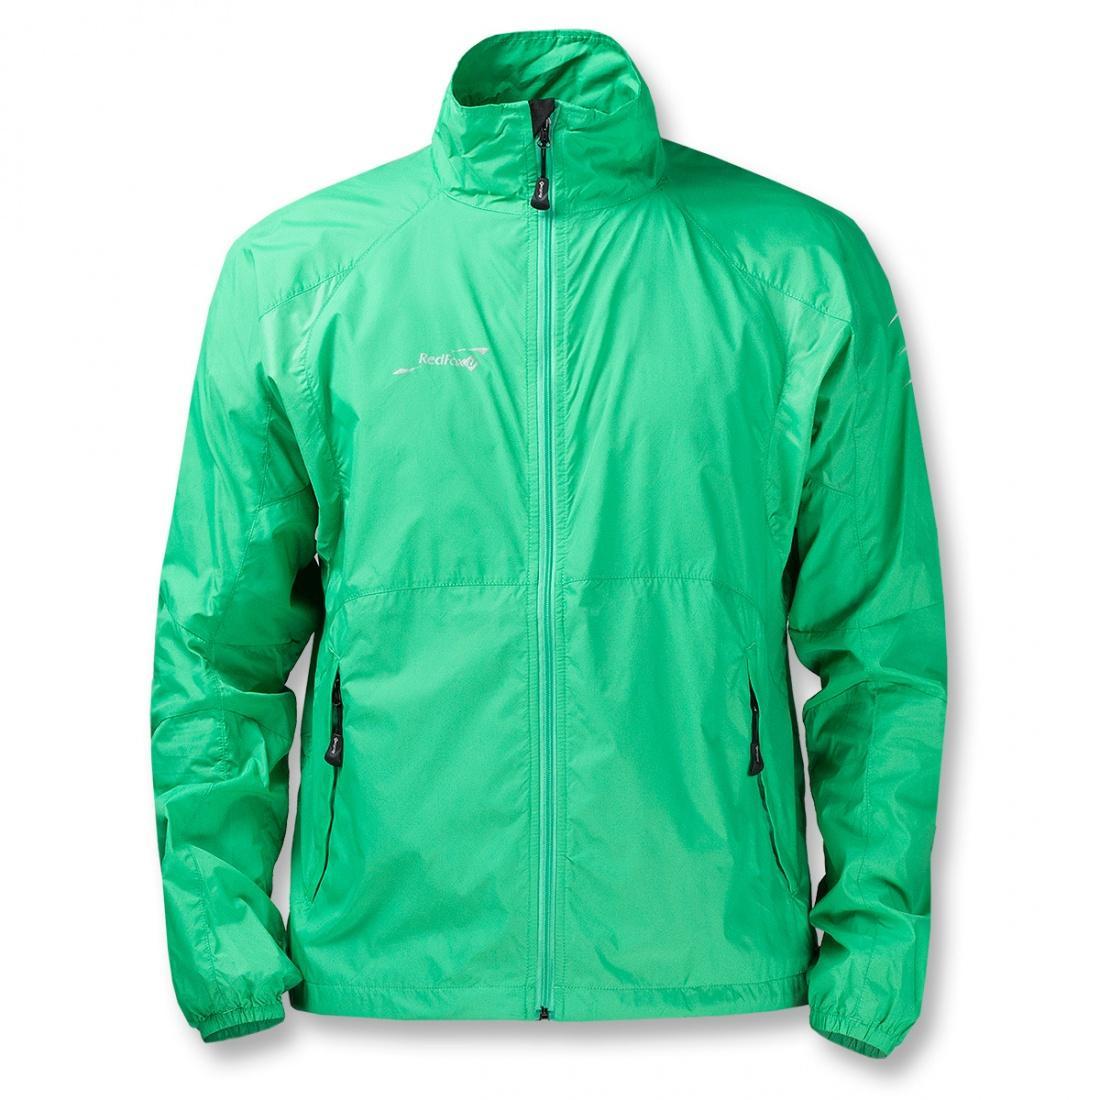 Куртка ветрозащитная Trek Light IIКуртки<br><br> Очень легкая куртка для мультиспортсменов. Отлично сочетает в себе функции защиты от ветра и максимальной свободы движений. Куртку можно компактно упаковать в карман, расположенный на спине.<br><br><br> Особенности:<br><br><br>Два бо...<br><br>Цвет: Зеленый<br>Размер: 44